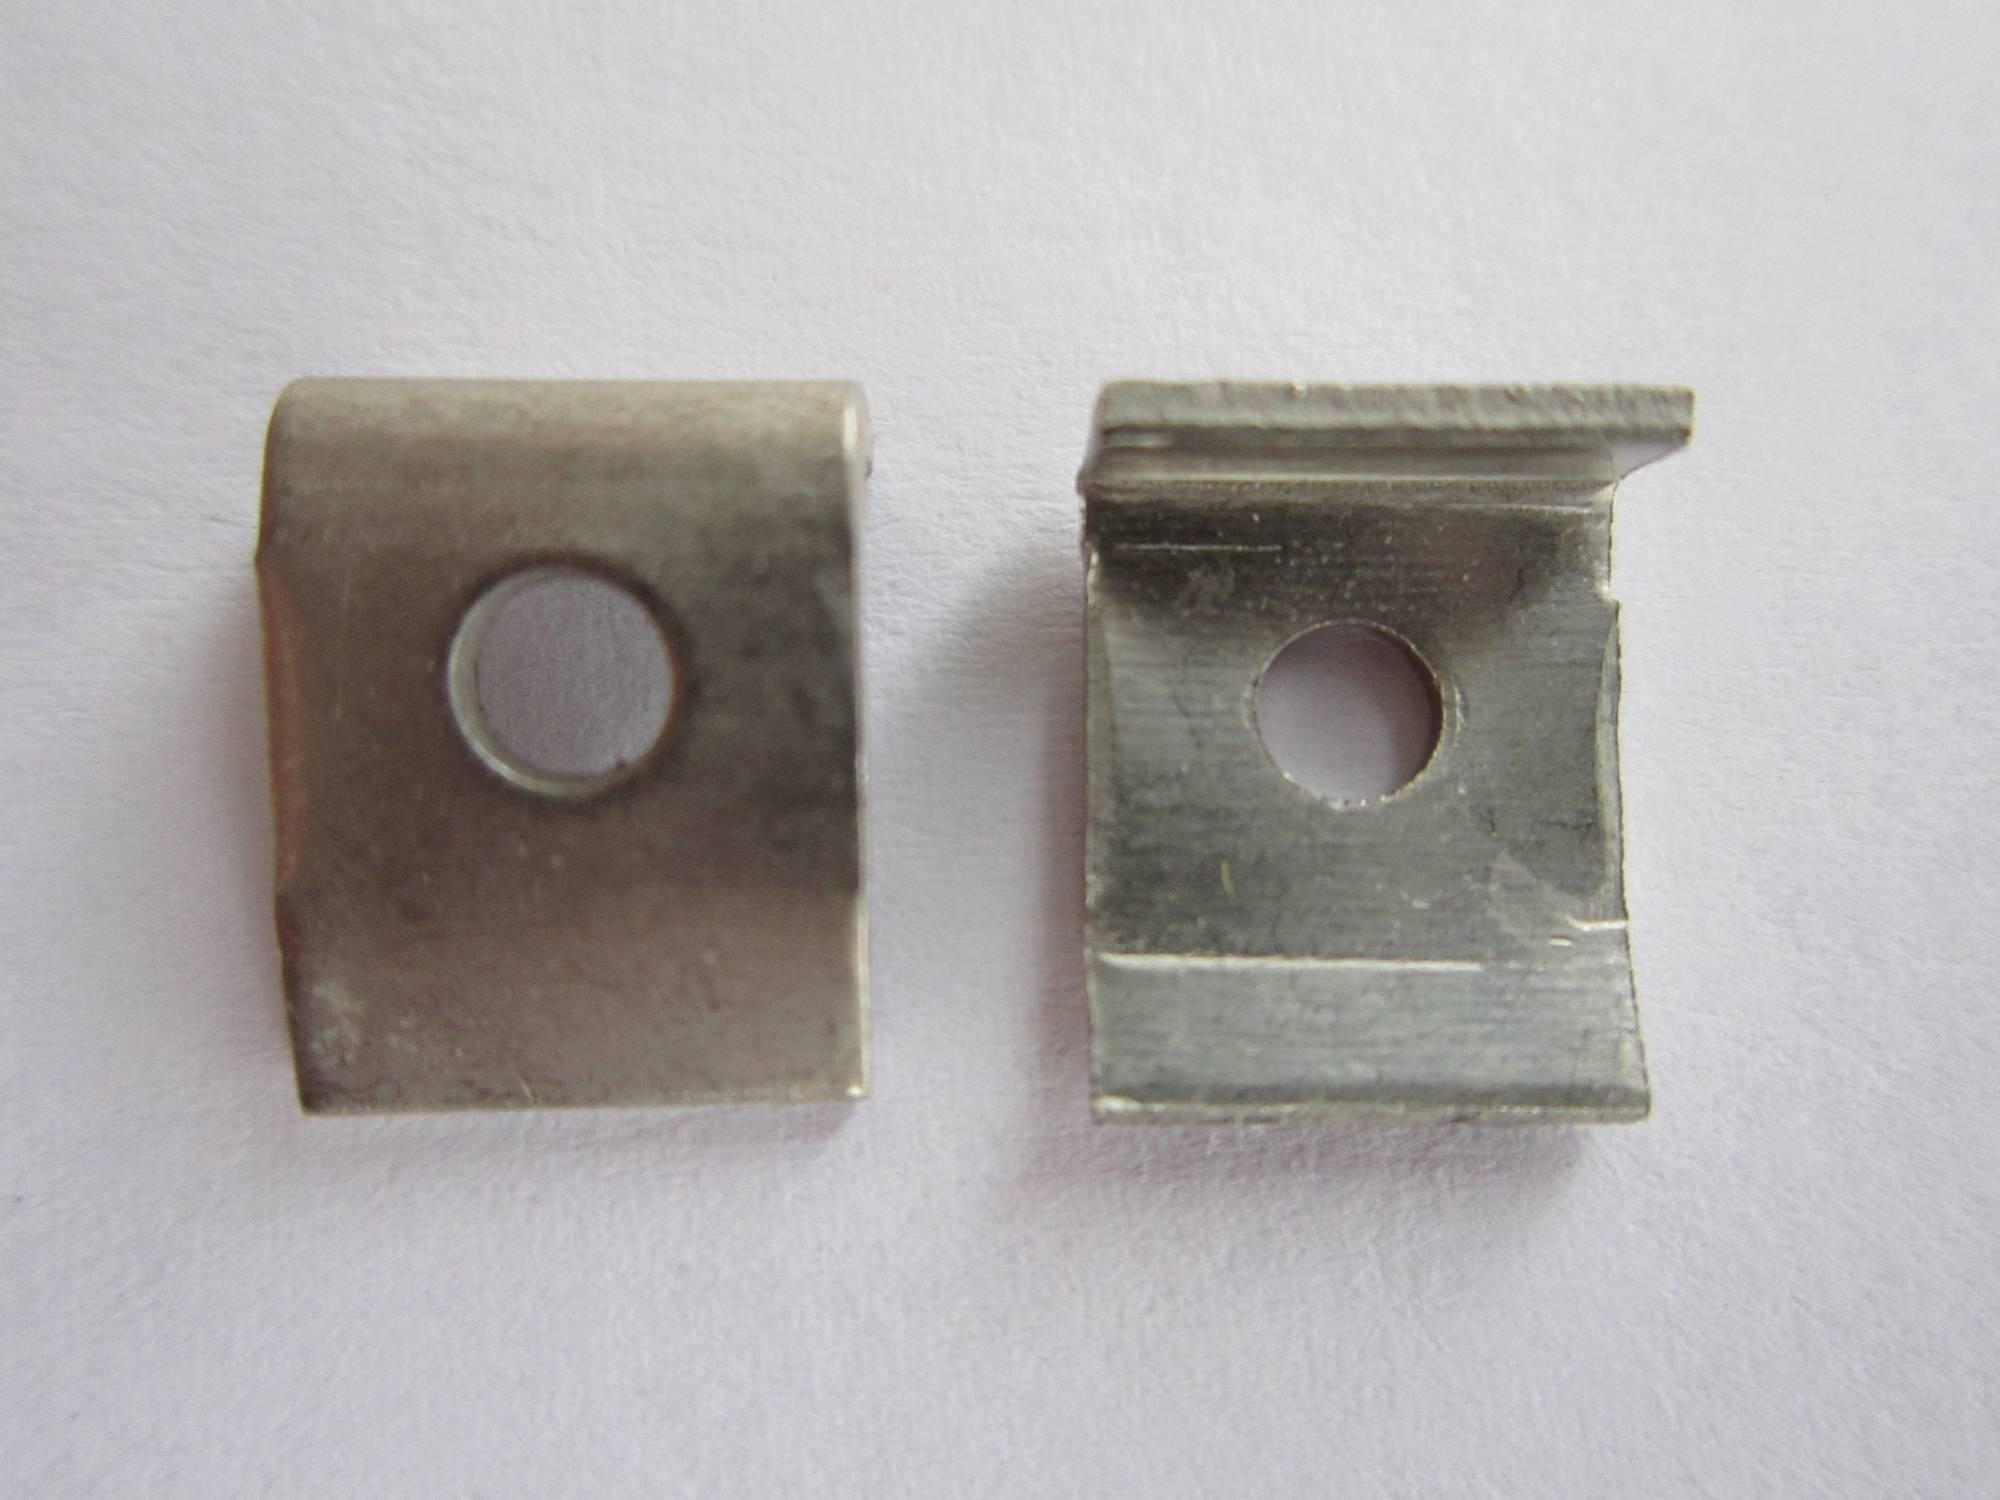 Držák pro výkonový rezistor Weltron Montagehilfe (028107041245)